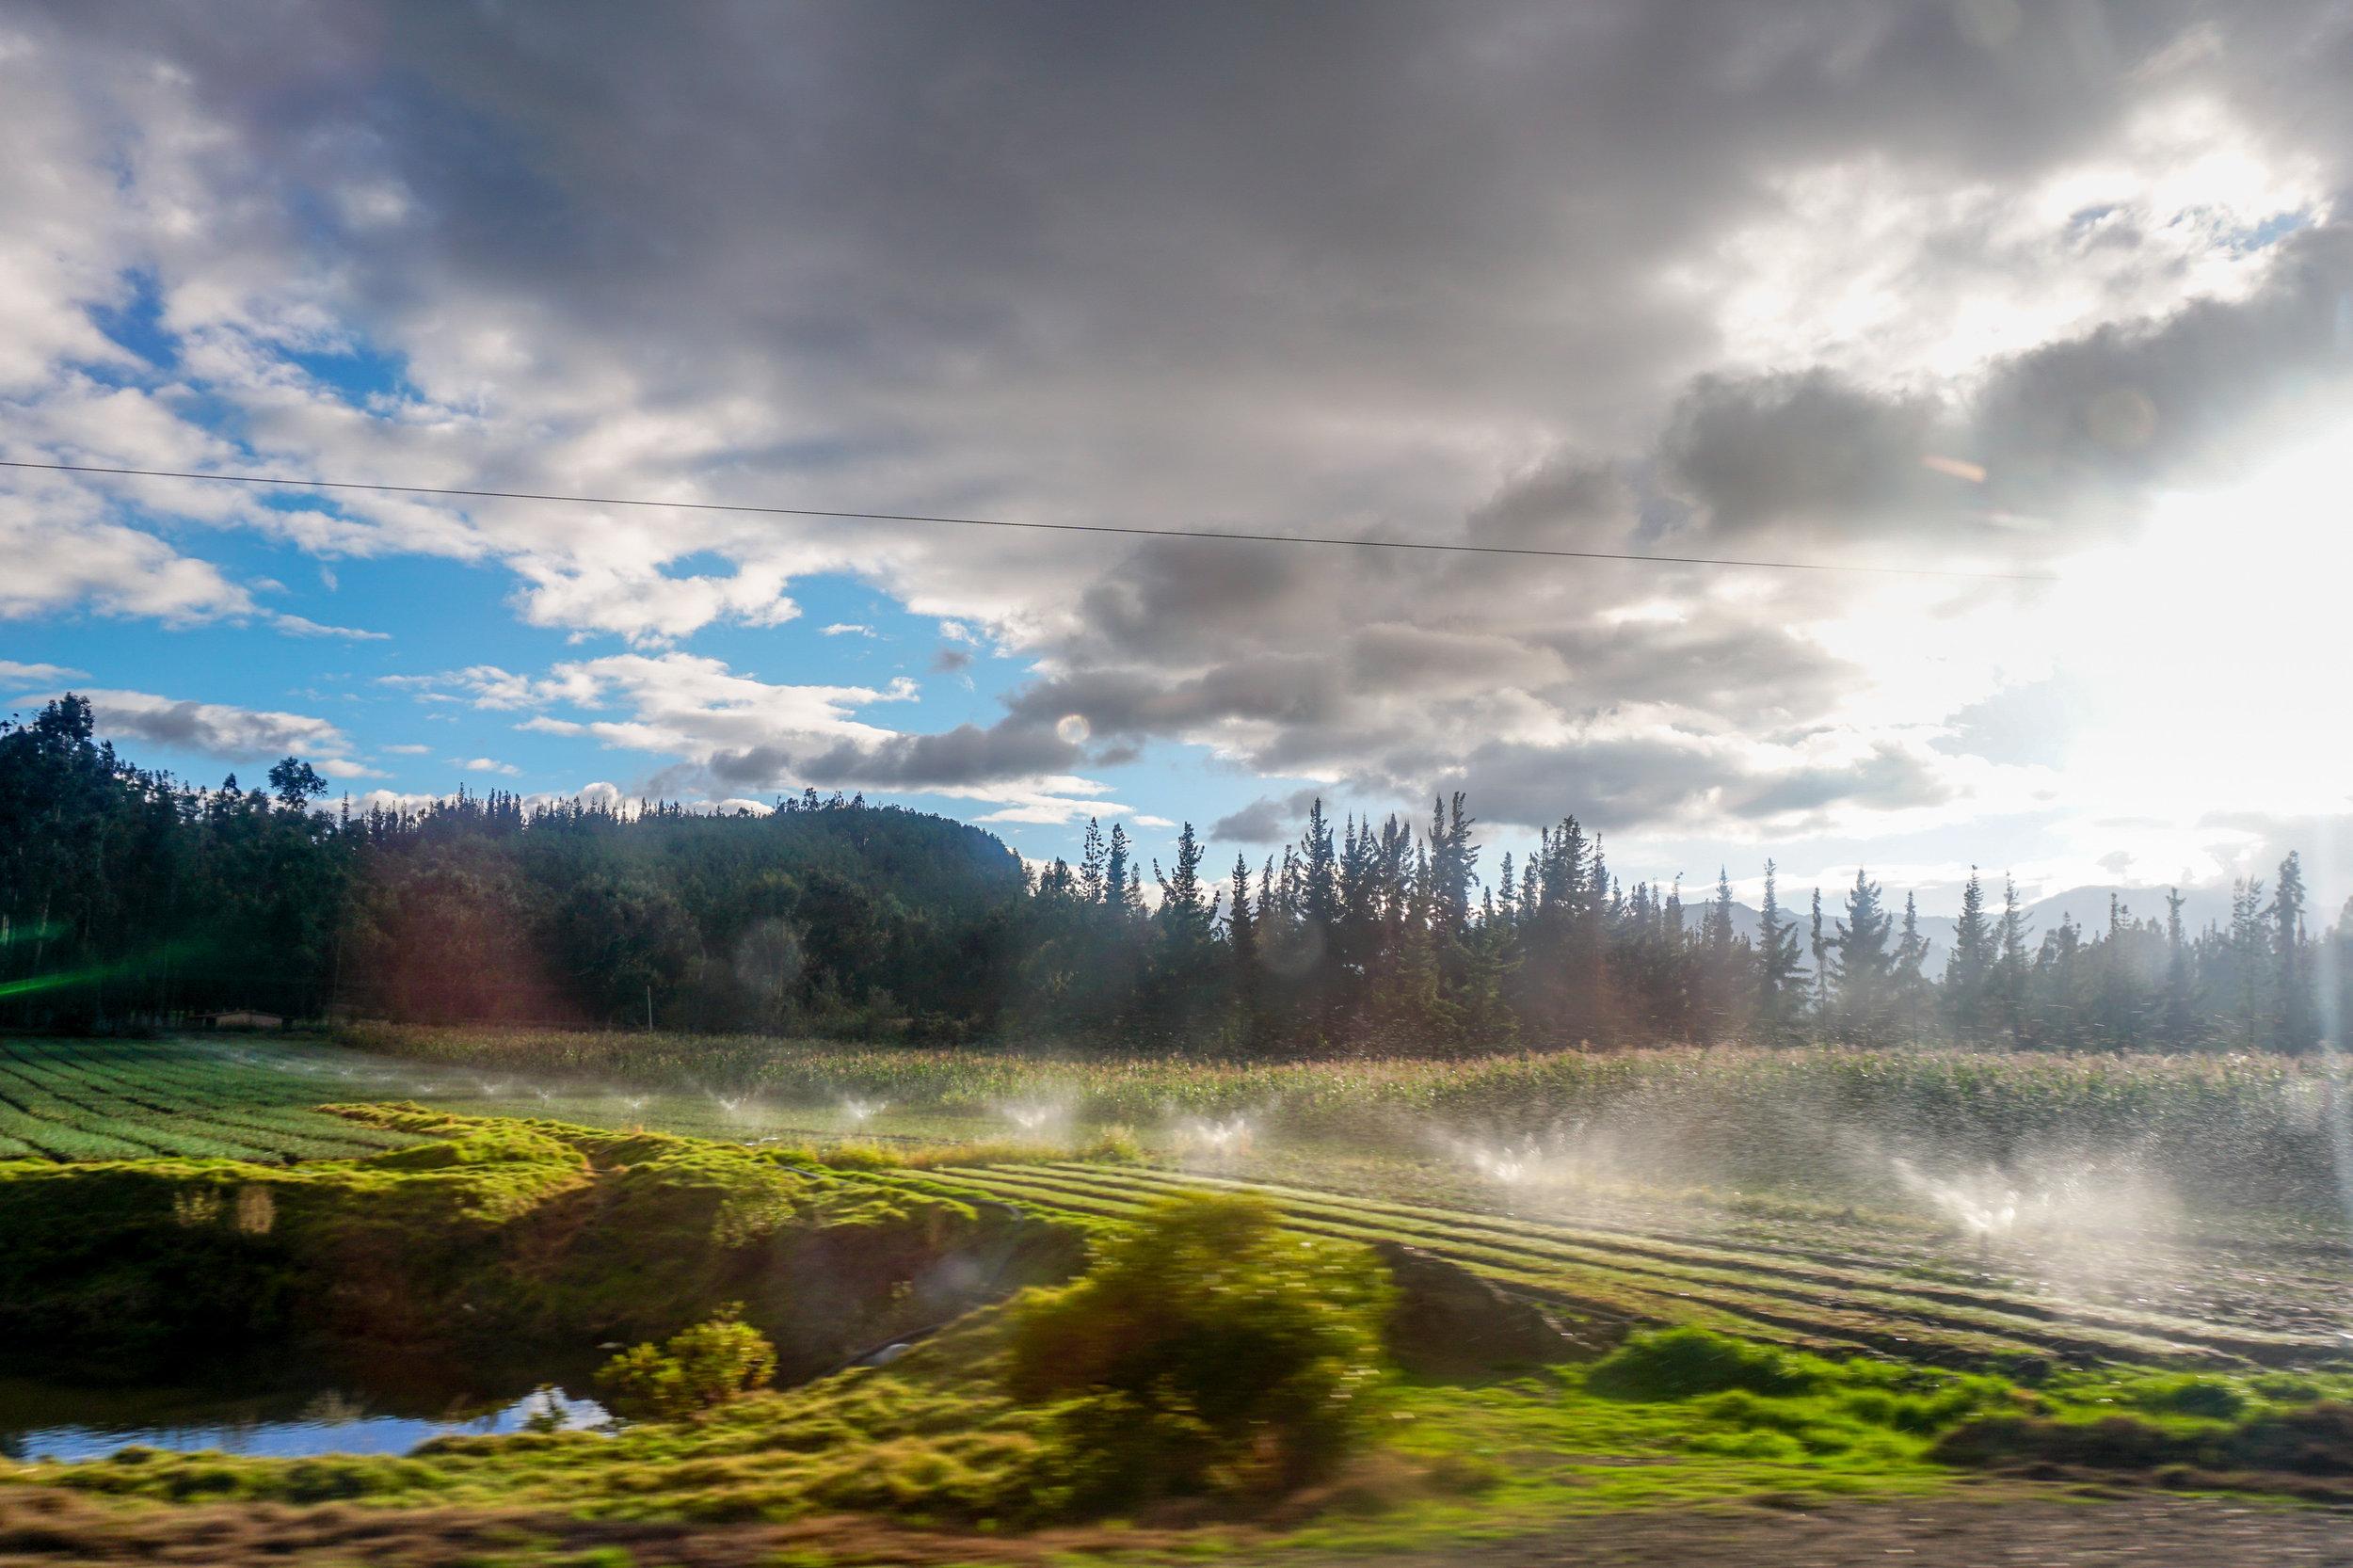 olapi-creative-colombia-farm-scene